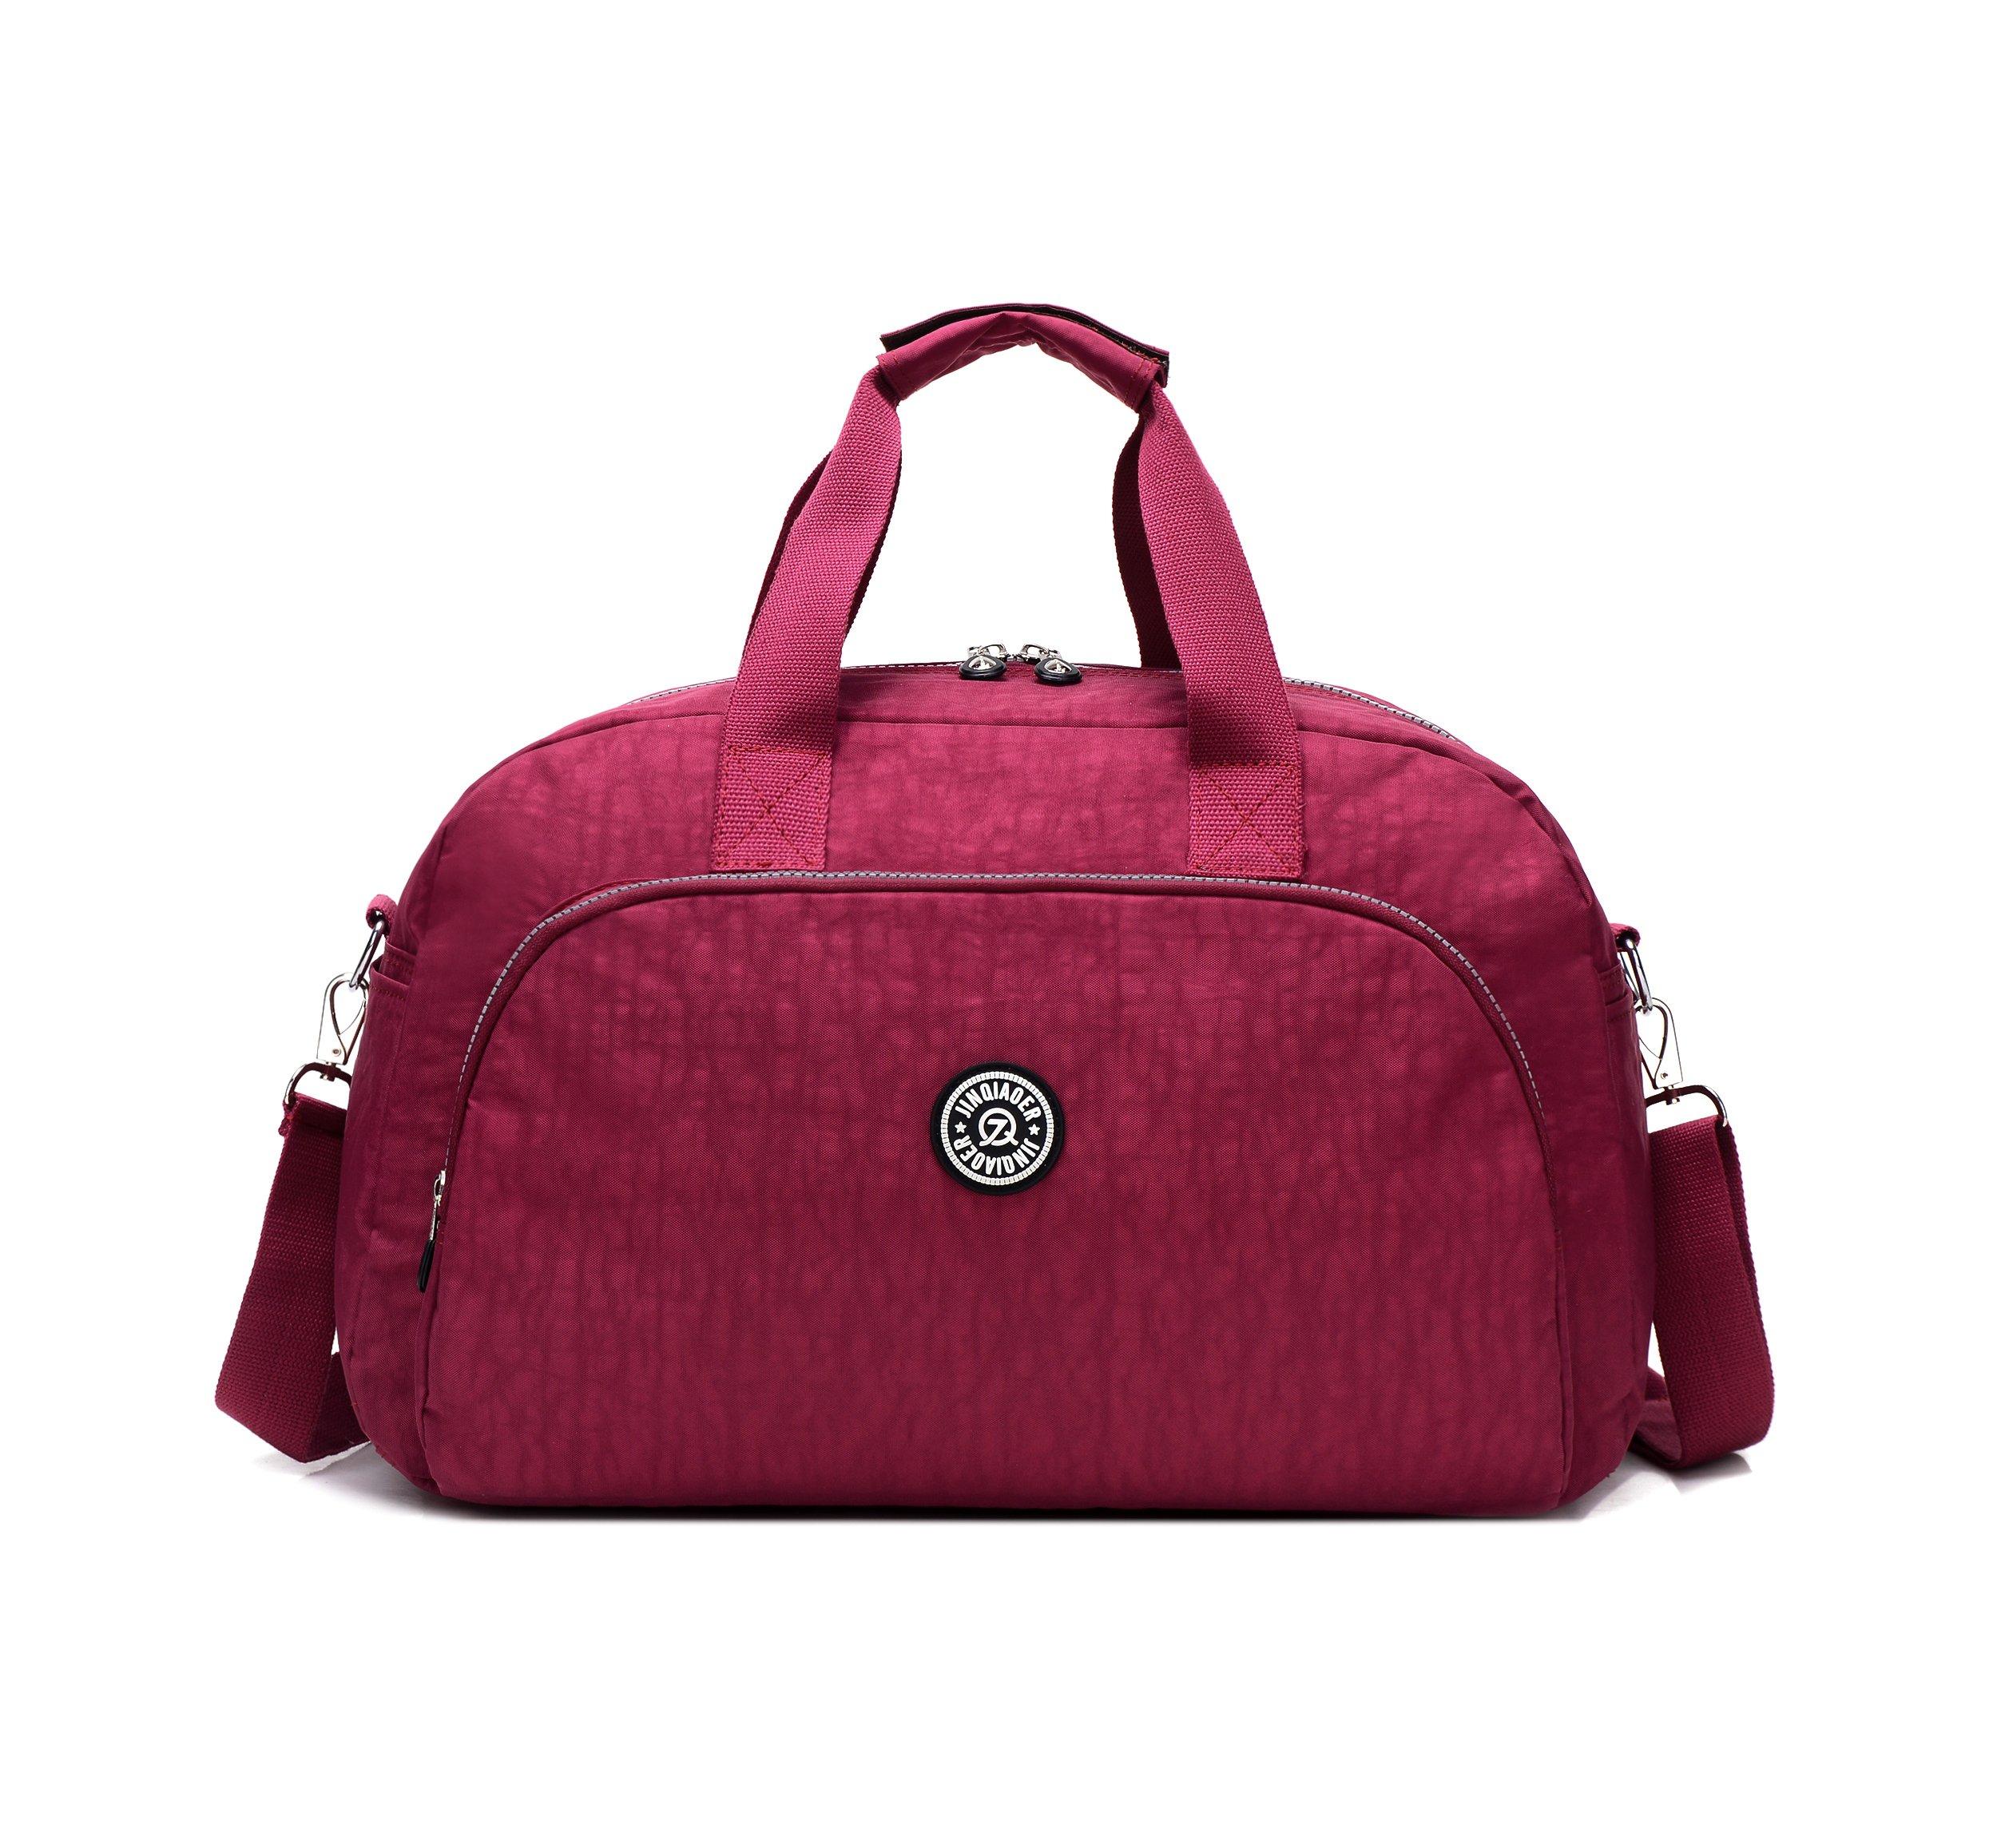 GuiShi(TM) Waterproof Travel Weekender Shoulder Bag Lightweight Gym Tote Organiser Weekender Bag (Red)